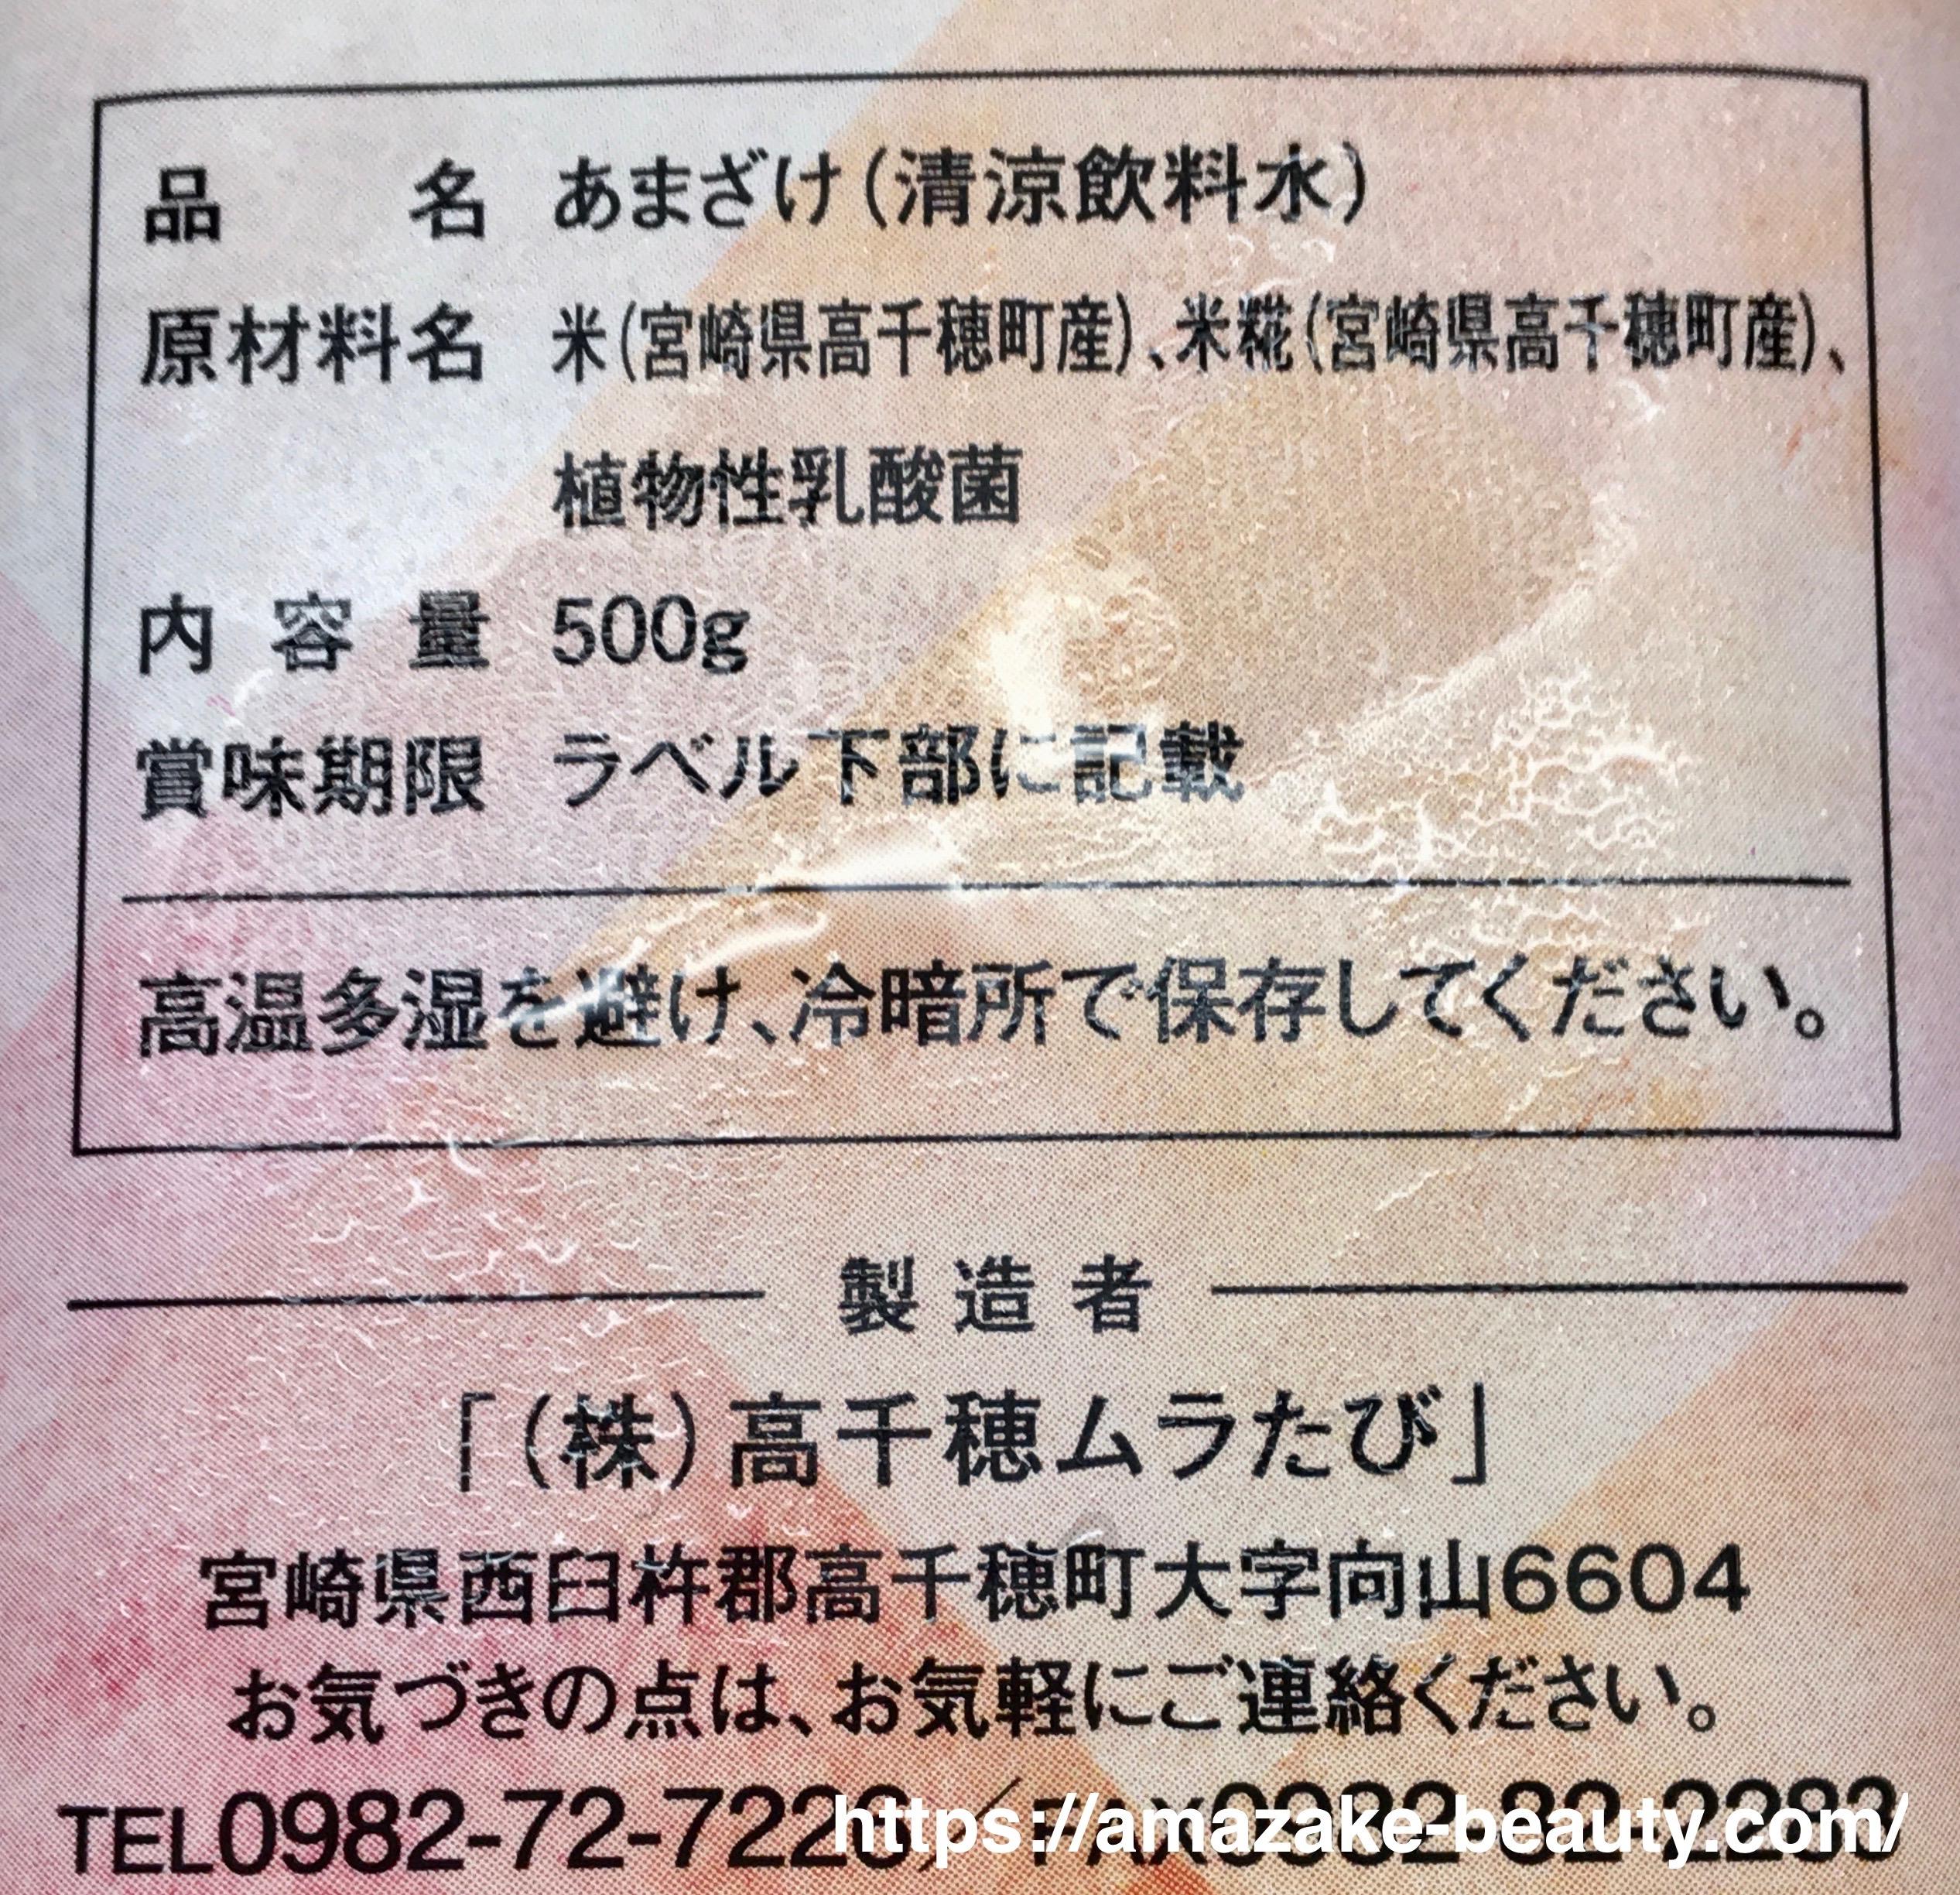 【甘酒】高千穂『ちほまろ』(商品情報)